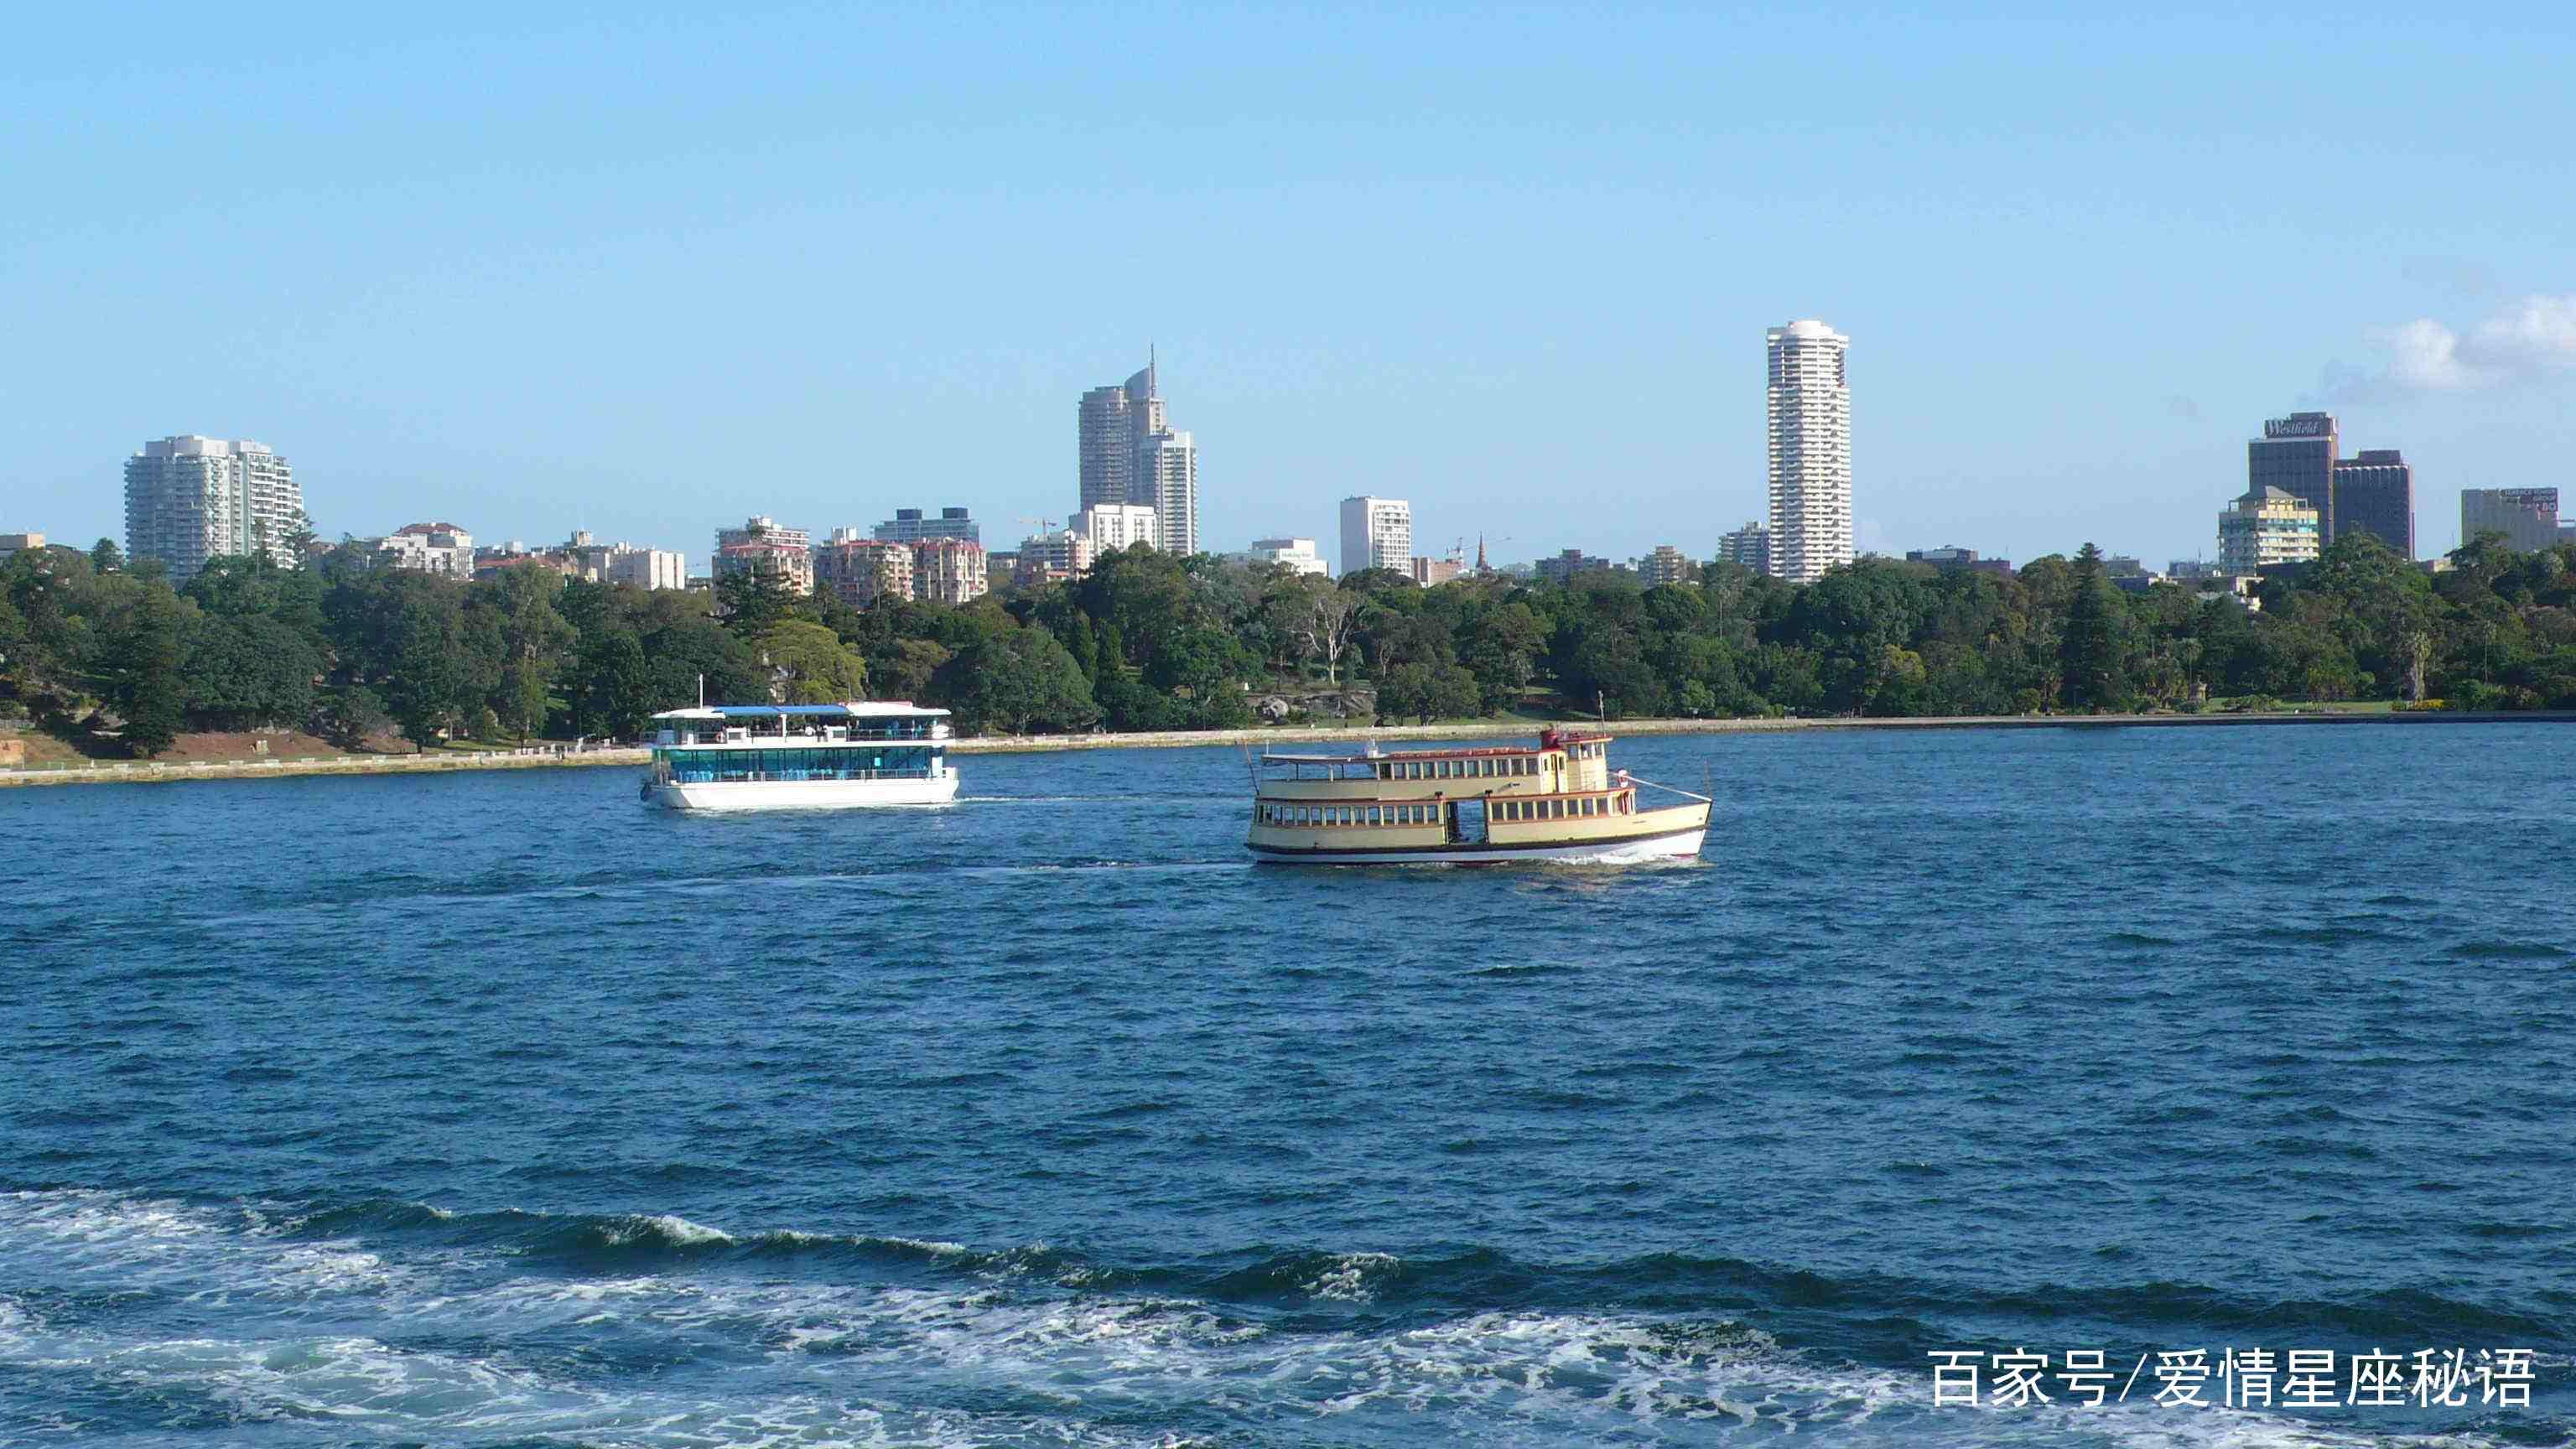 悉尼风景迷人,美不胜收,是个旅游的好地方!